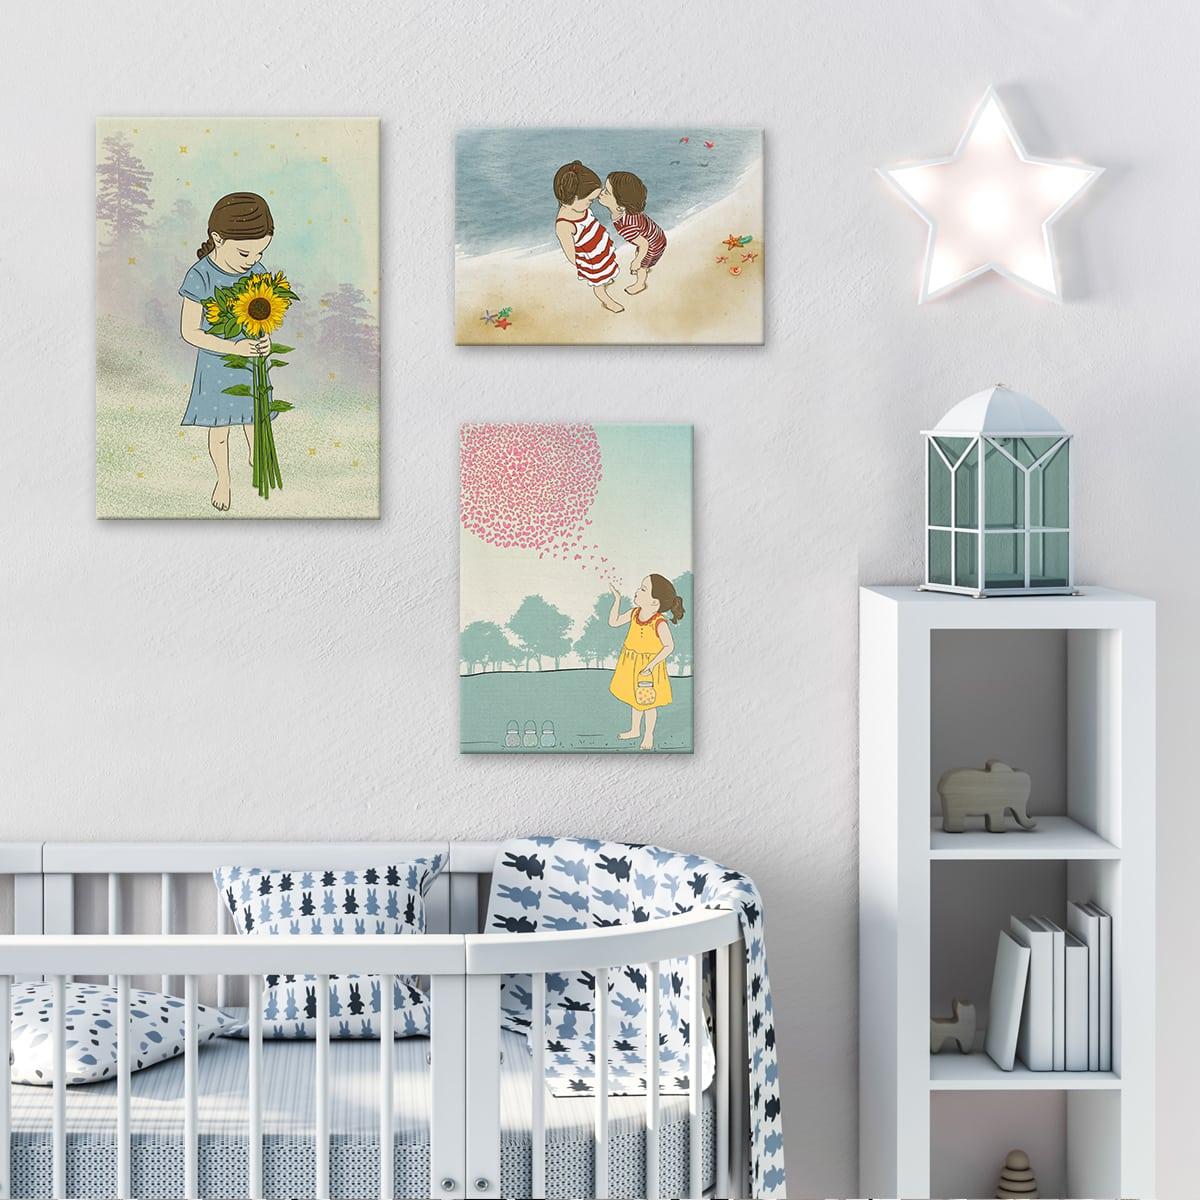 תמונה לחדר ילדים מפריחת הלבבות